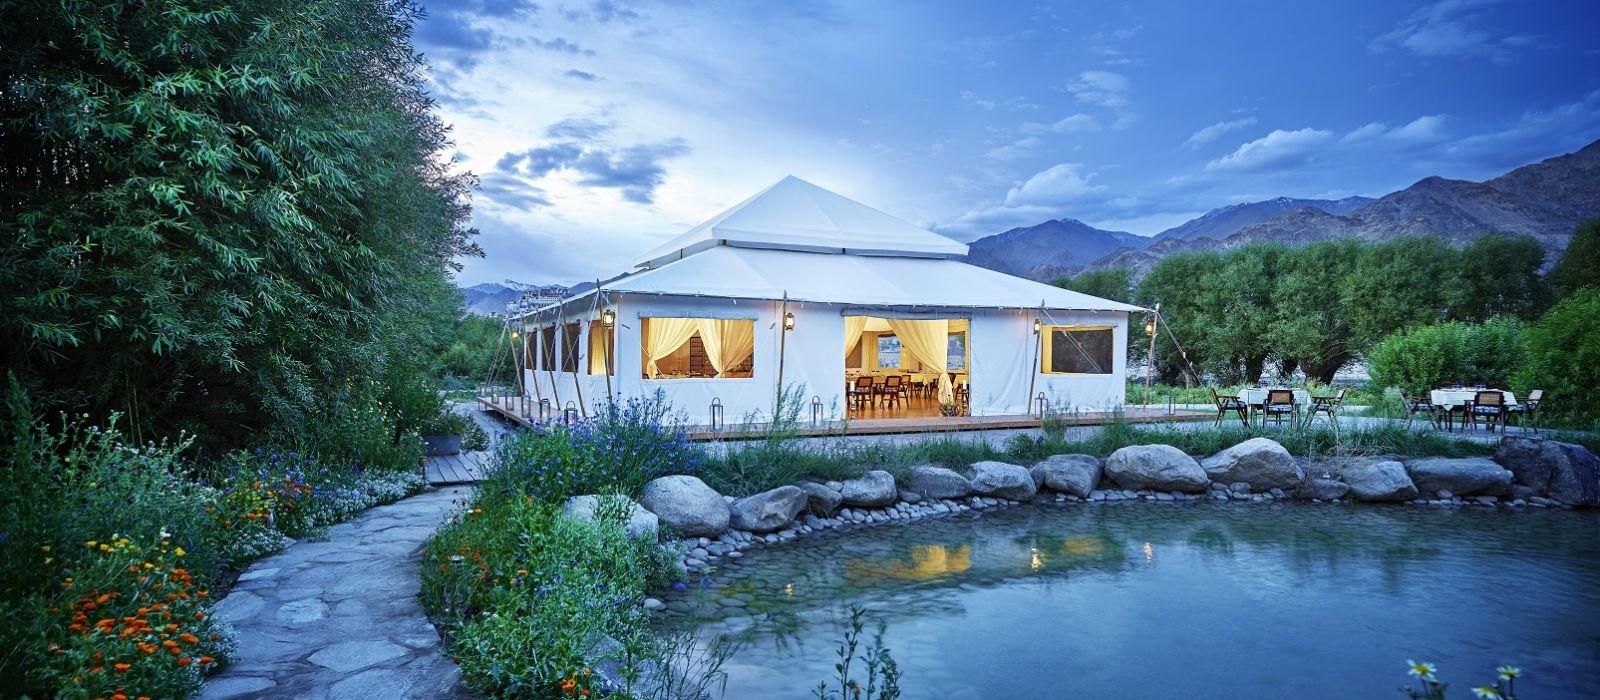 Hotel The Chamba Camp, Thiksey Himalayas